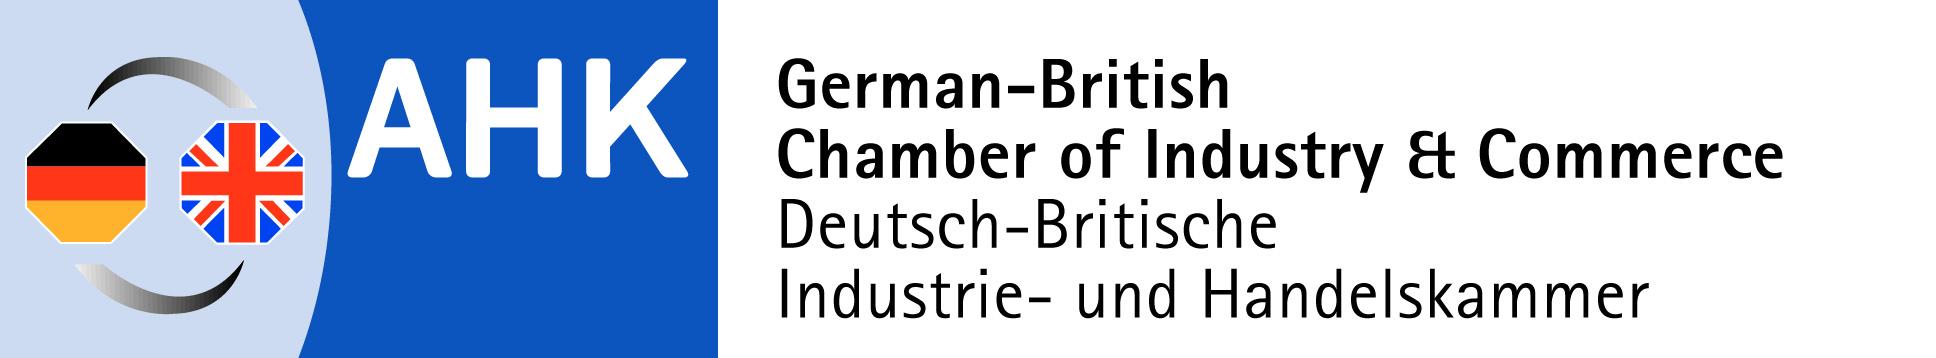 Deutsch-Britische Handelskammer